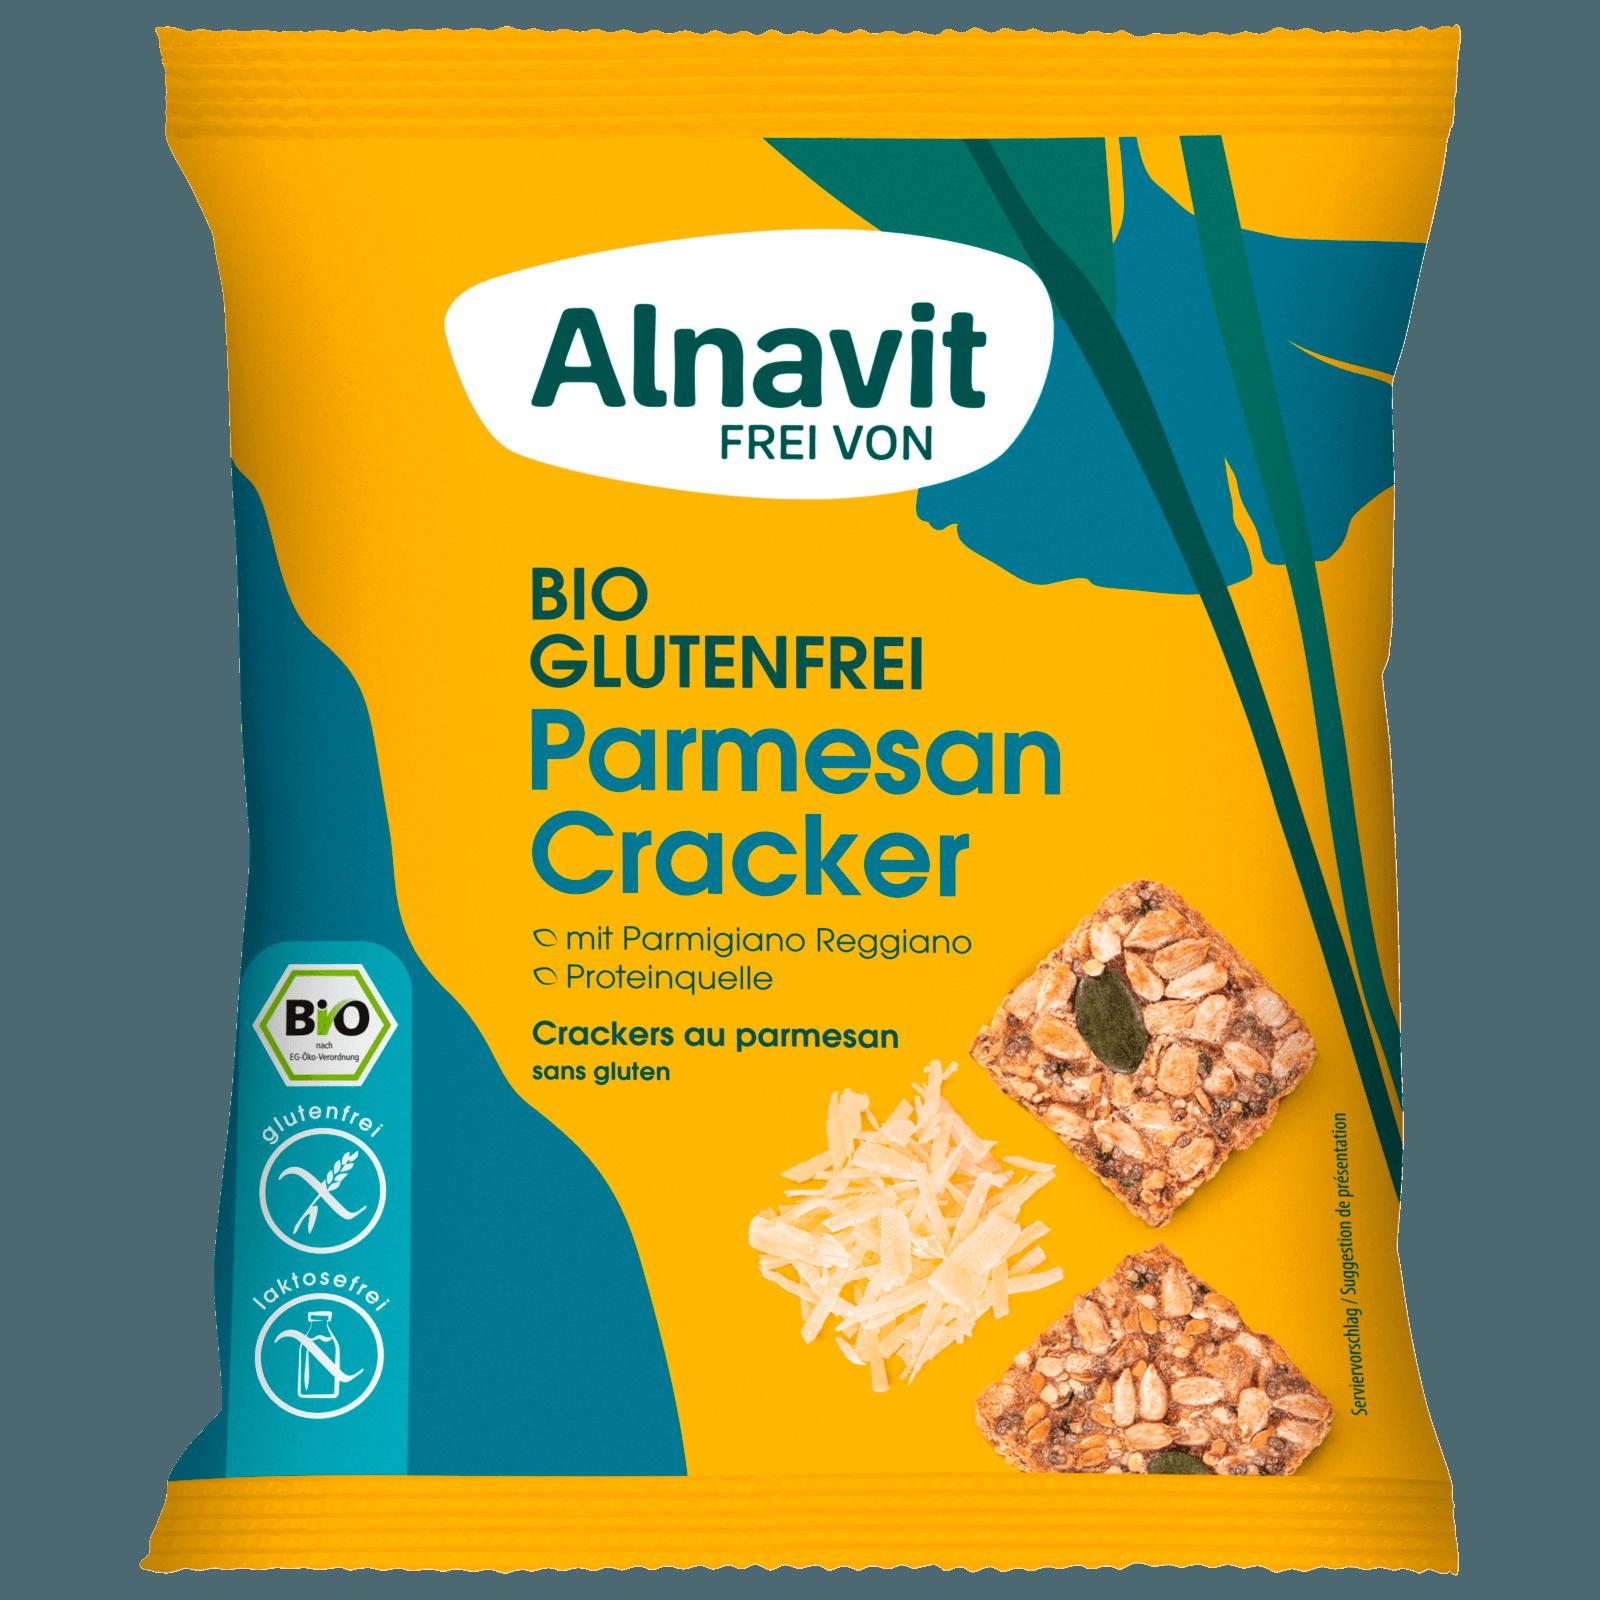 Alnavit Bio Parmesan Cracker glutenfrei 75g